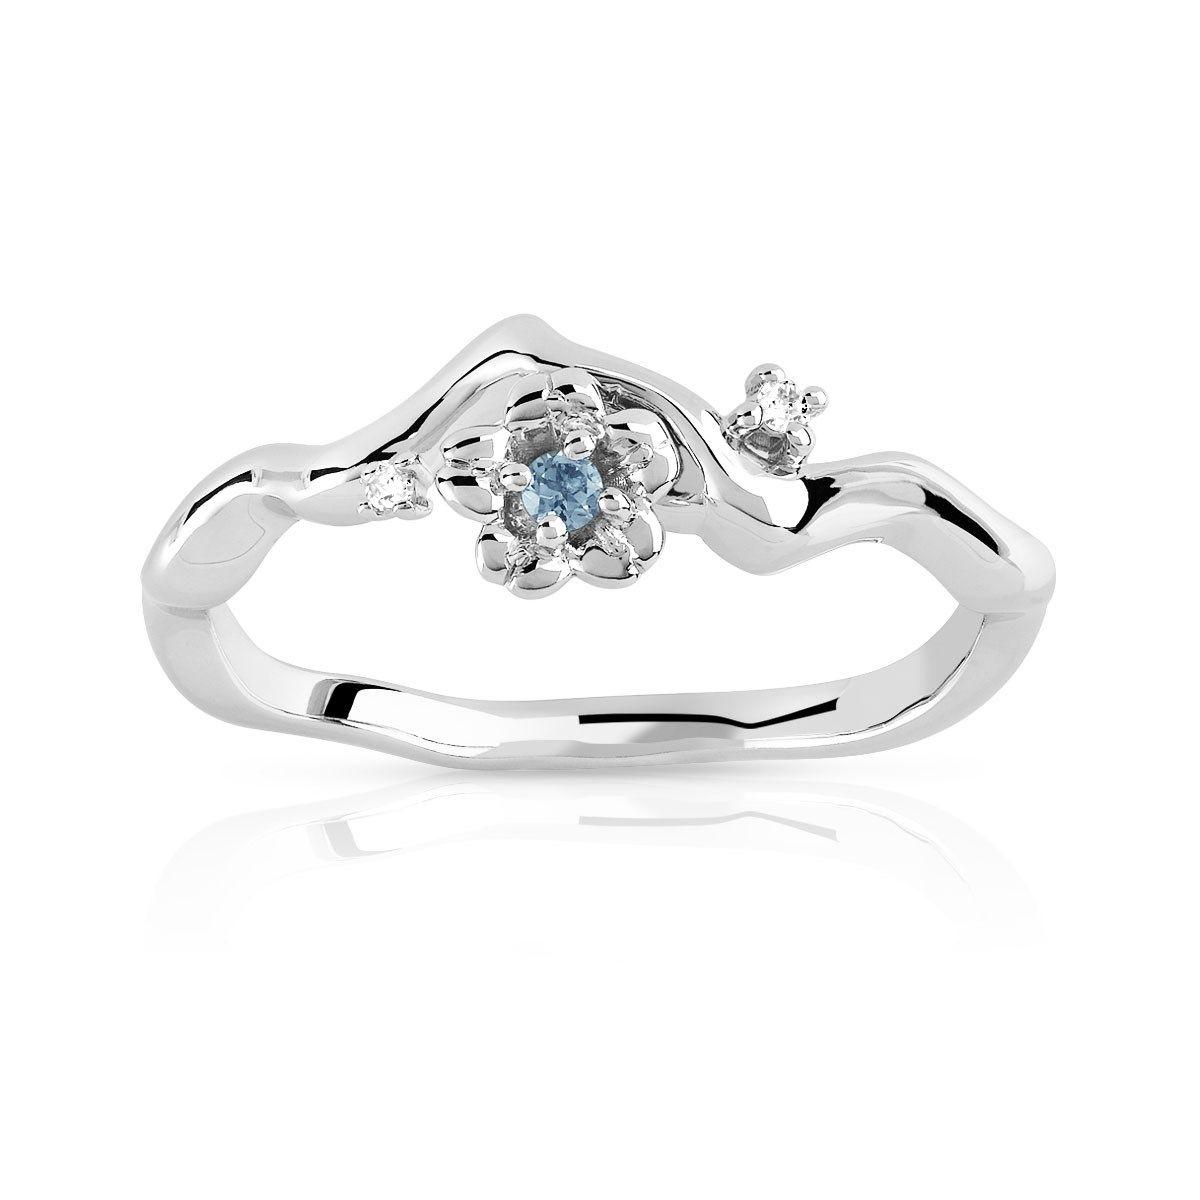 Bague or 375 blanc topaze bleue traitée et diamant